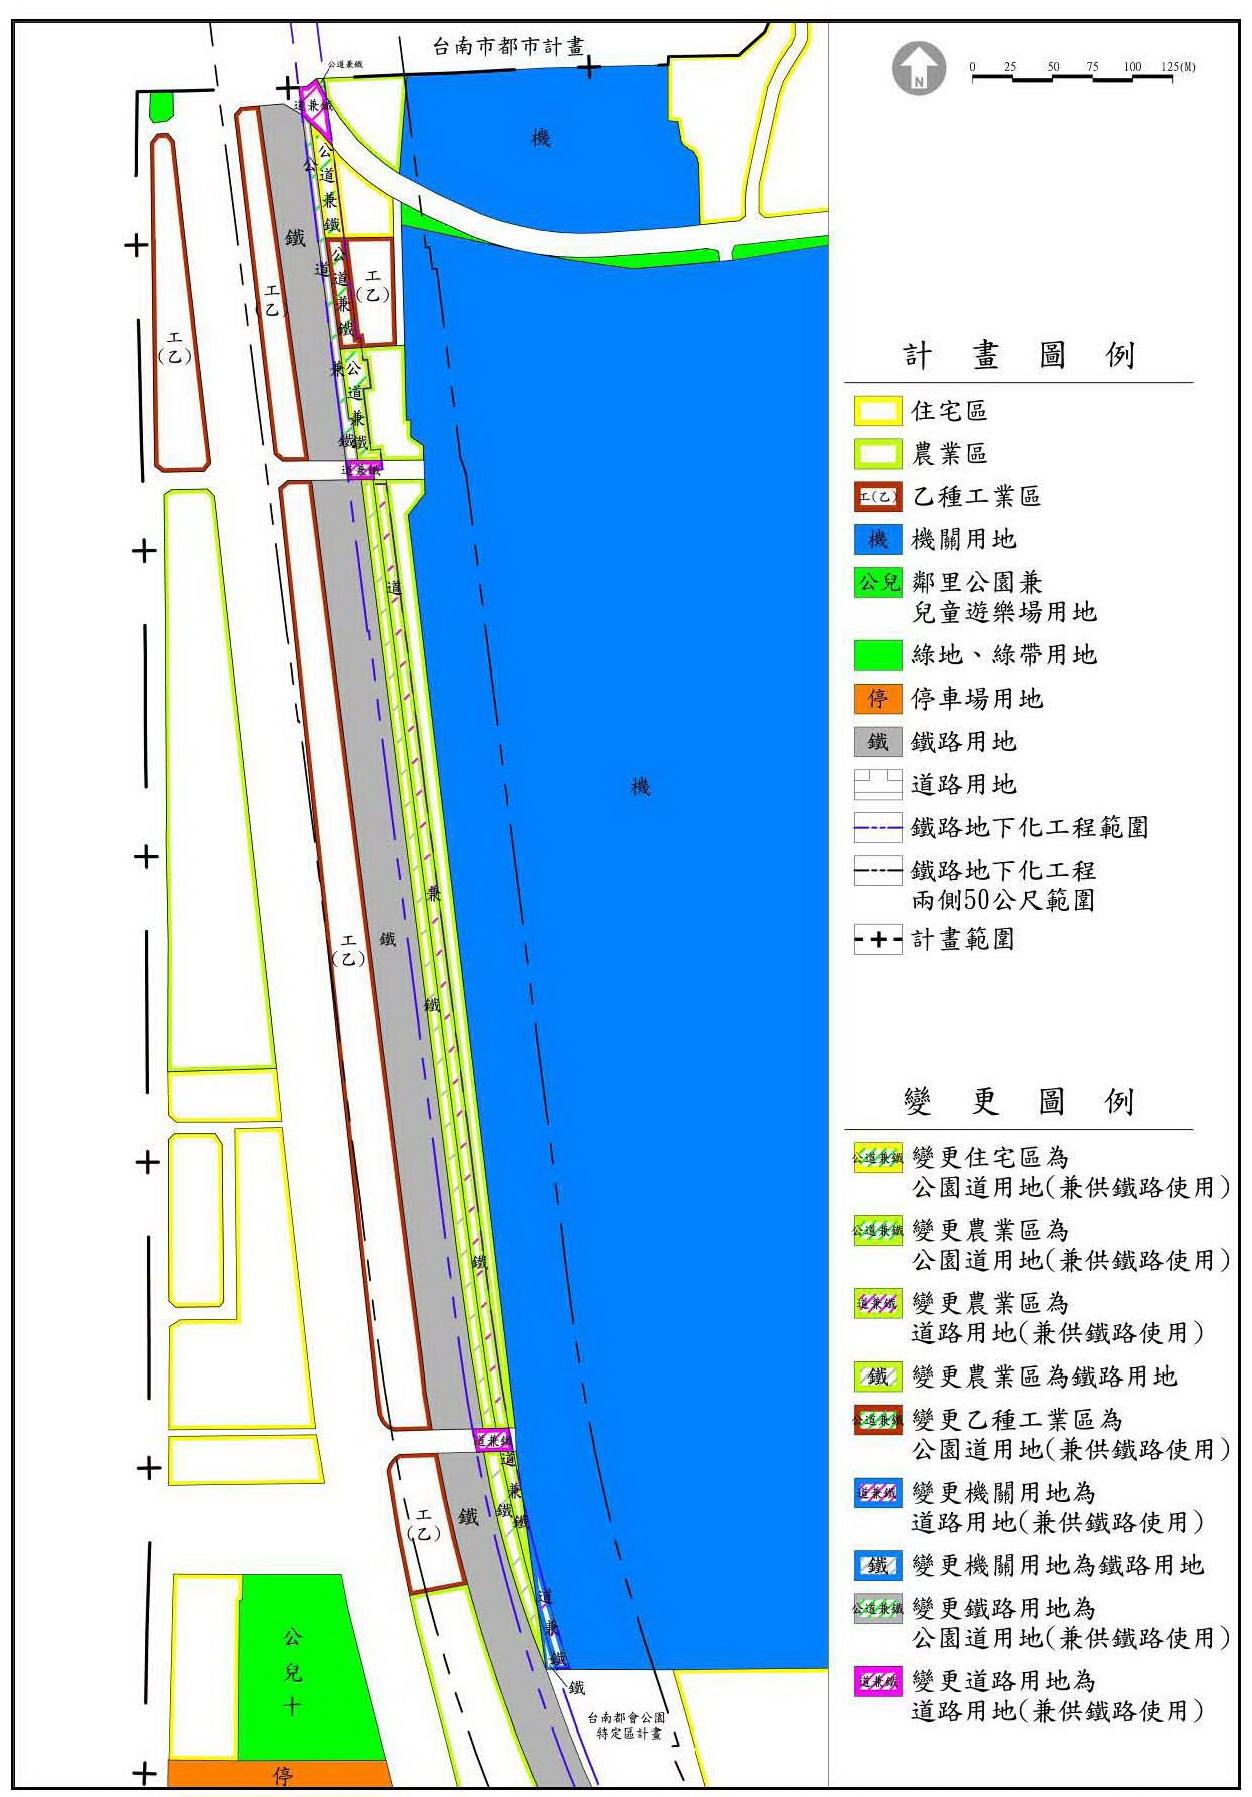 20120327 鐵路地下化專案-仁德區都市計畫提請市都委會審議通過-新聞稿_頁面_1.jpg